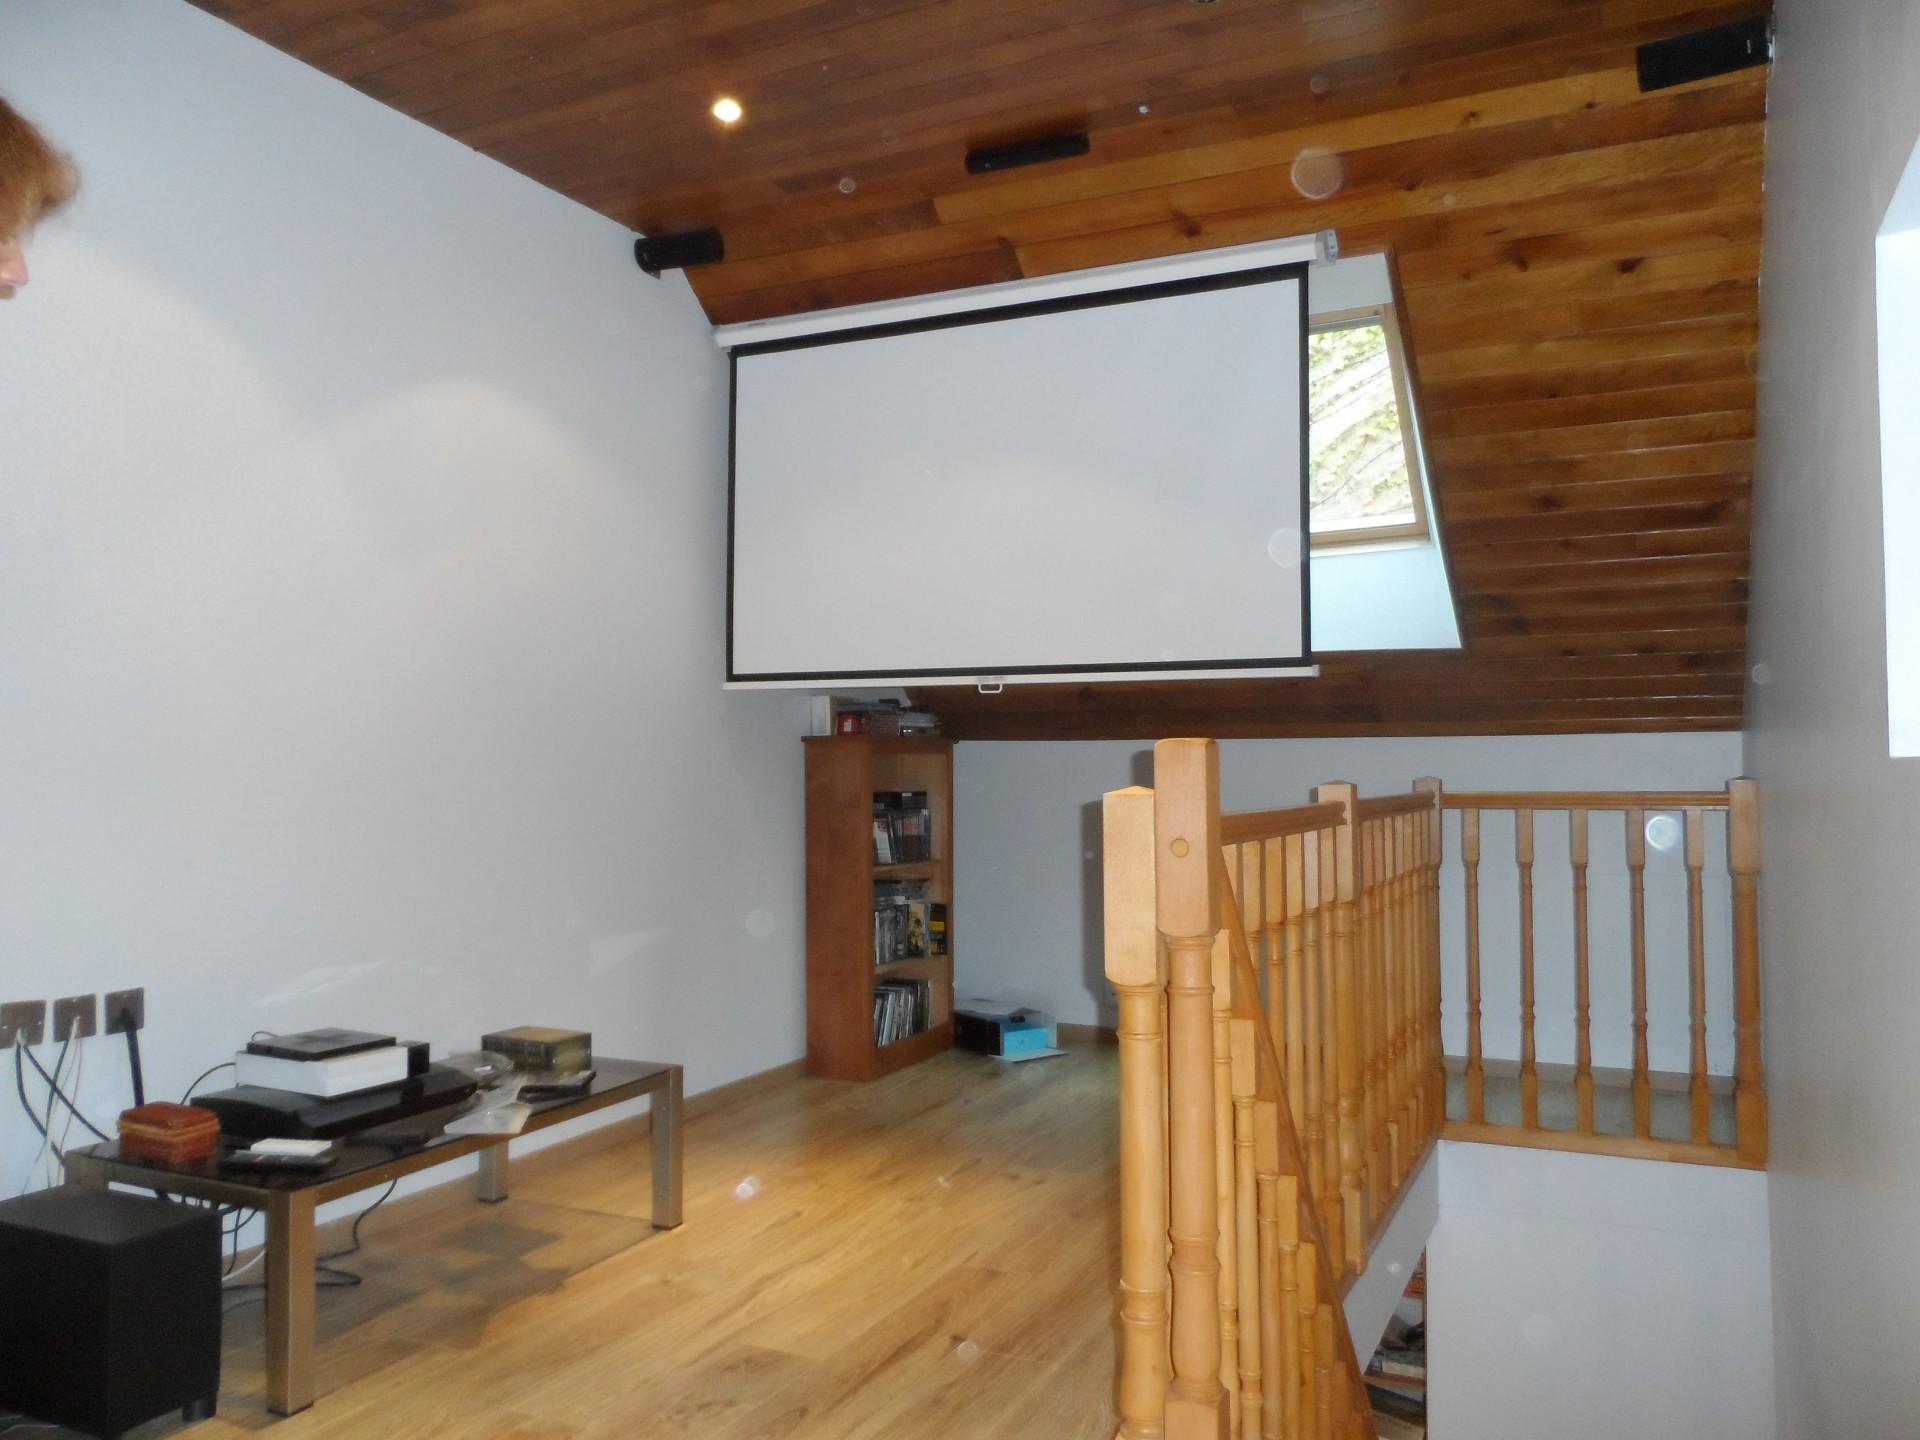 cinema_guestshouse_24h_lamans_castel